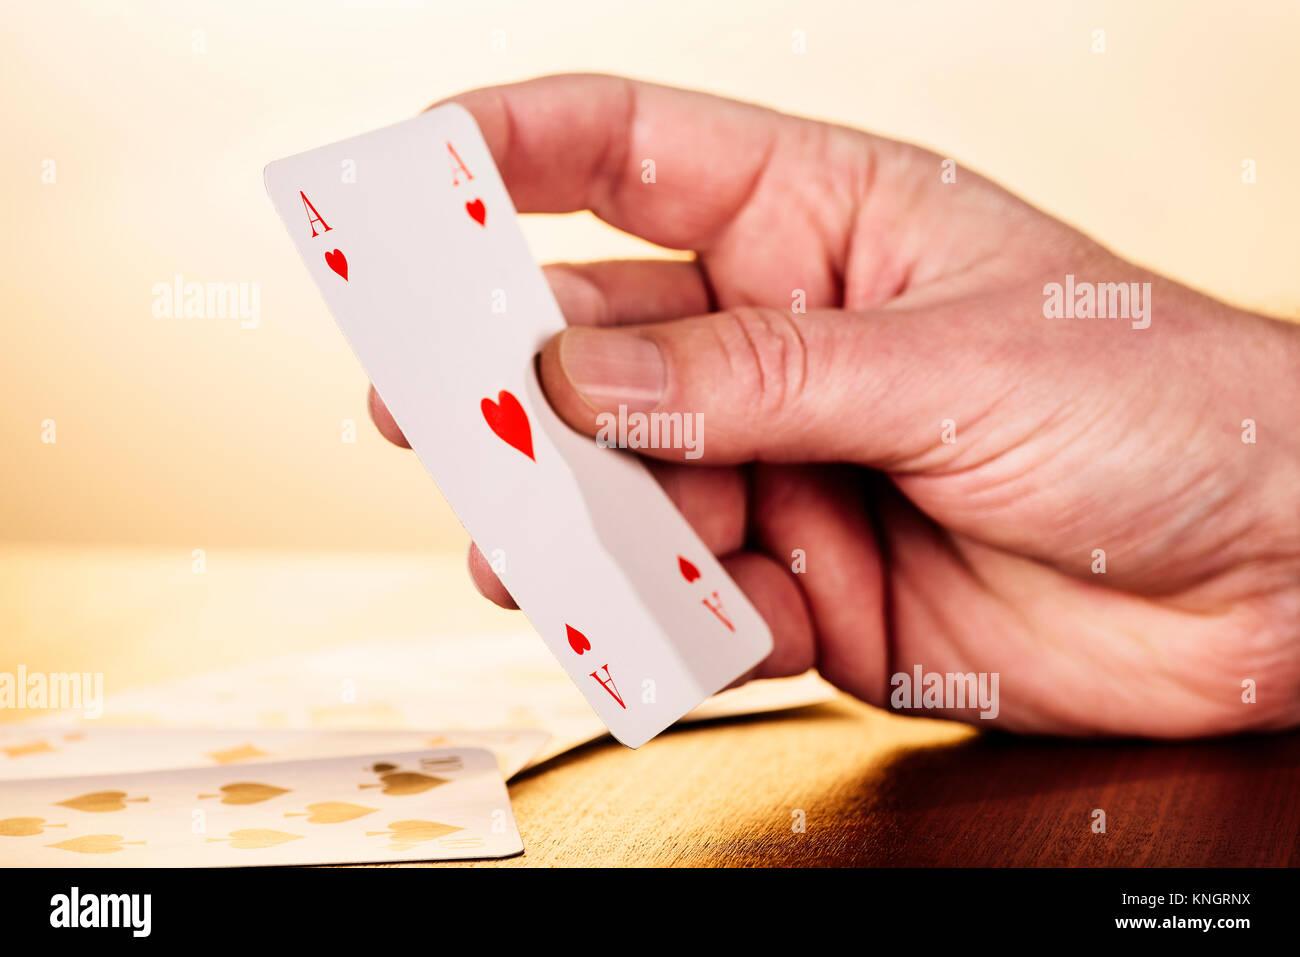 Nahaufnahme einer Hand, die ein Herz Ass Spielkarten. Stockbild